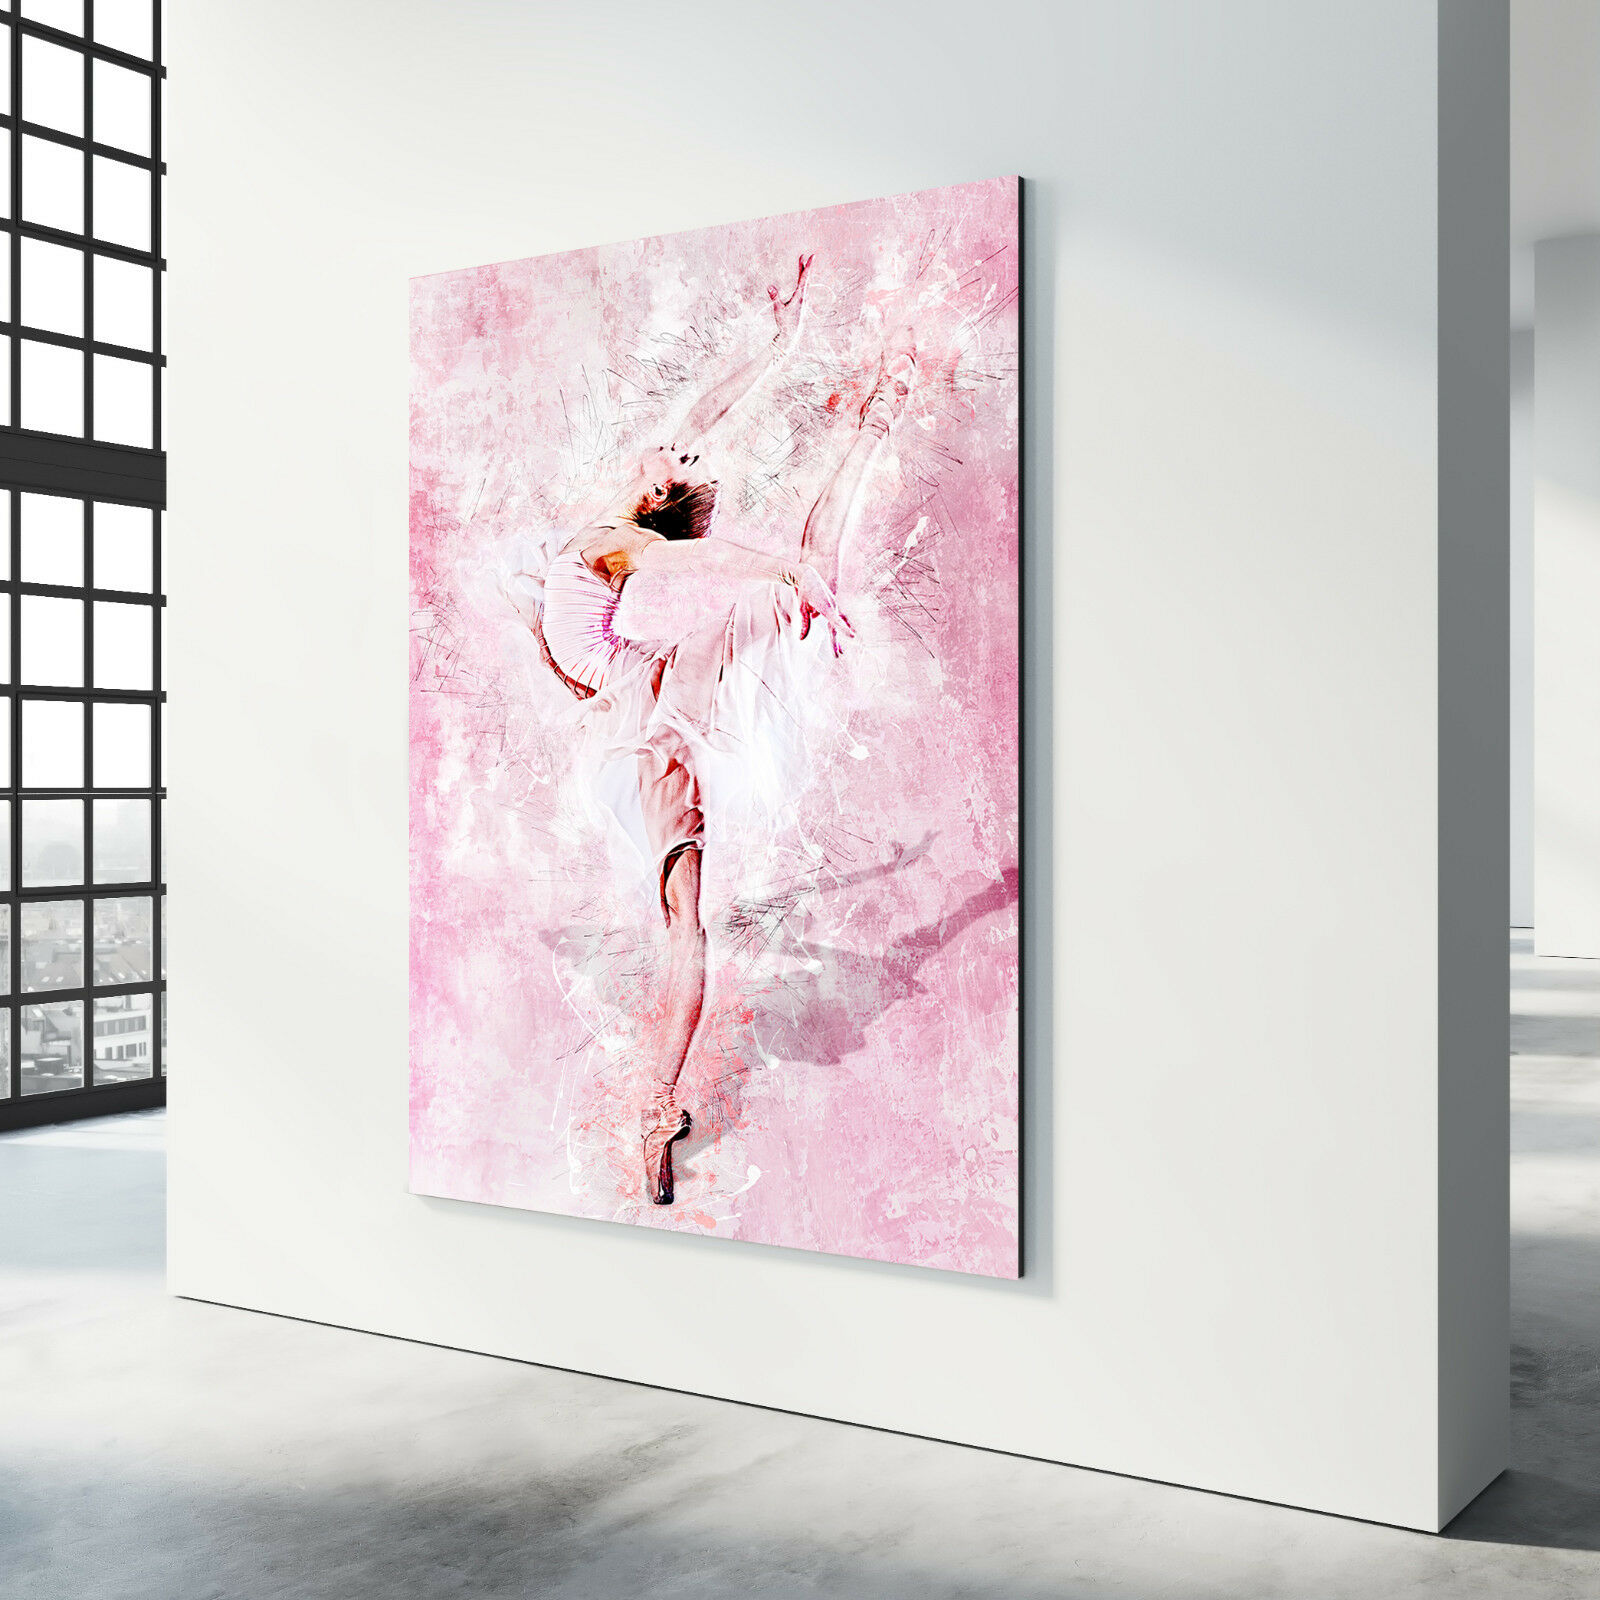 Toile Image Danseuse De Ballet Abstrait Images Peintures Peintures Peintures murales Ballerine Art Pression | Des Styles Différents  364f18